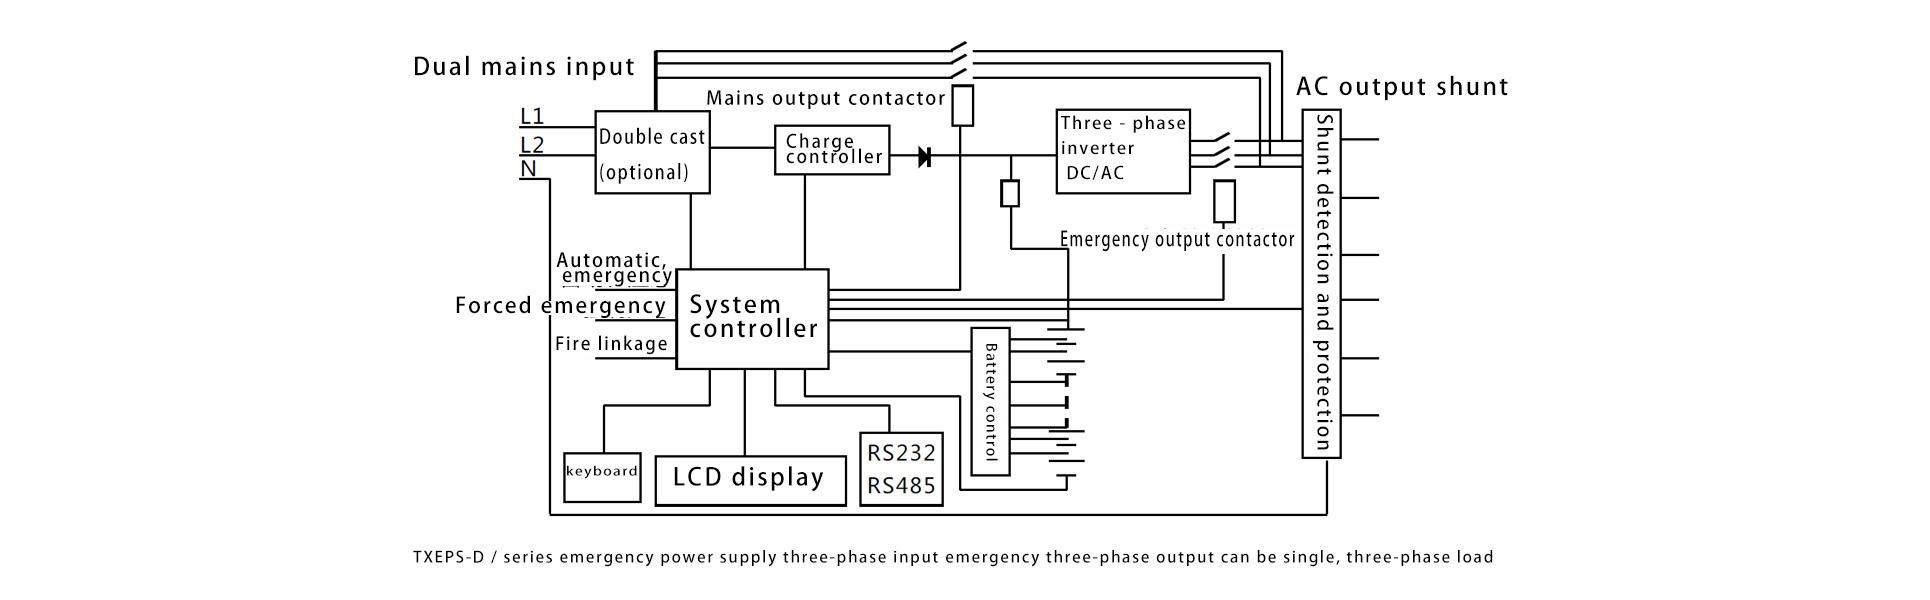 Schema Elettrico Trifase : Sistemi di alimentazione di emergenza e alimentazione di emergenza